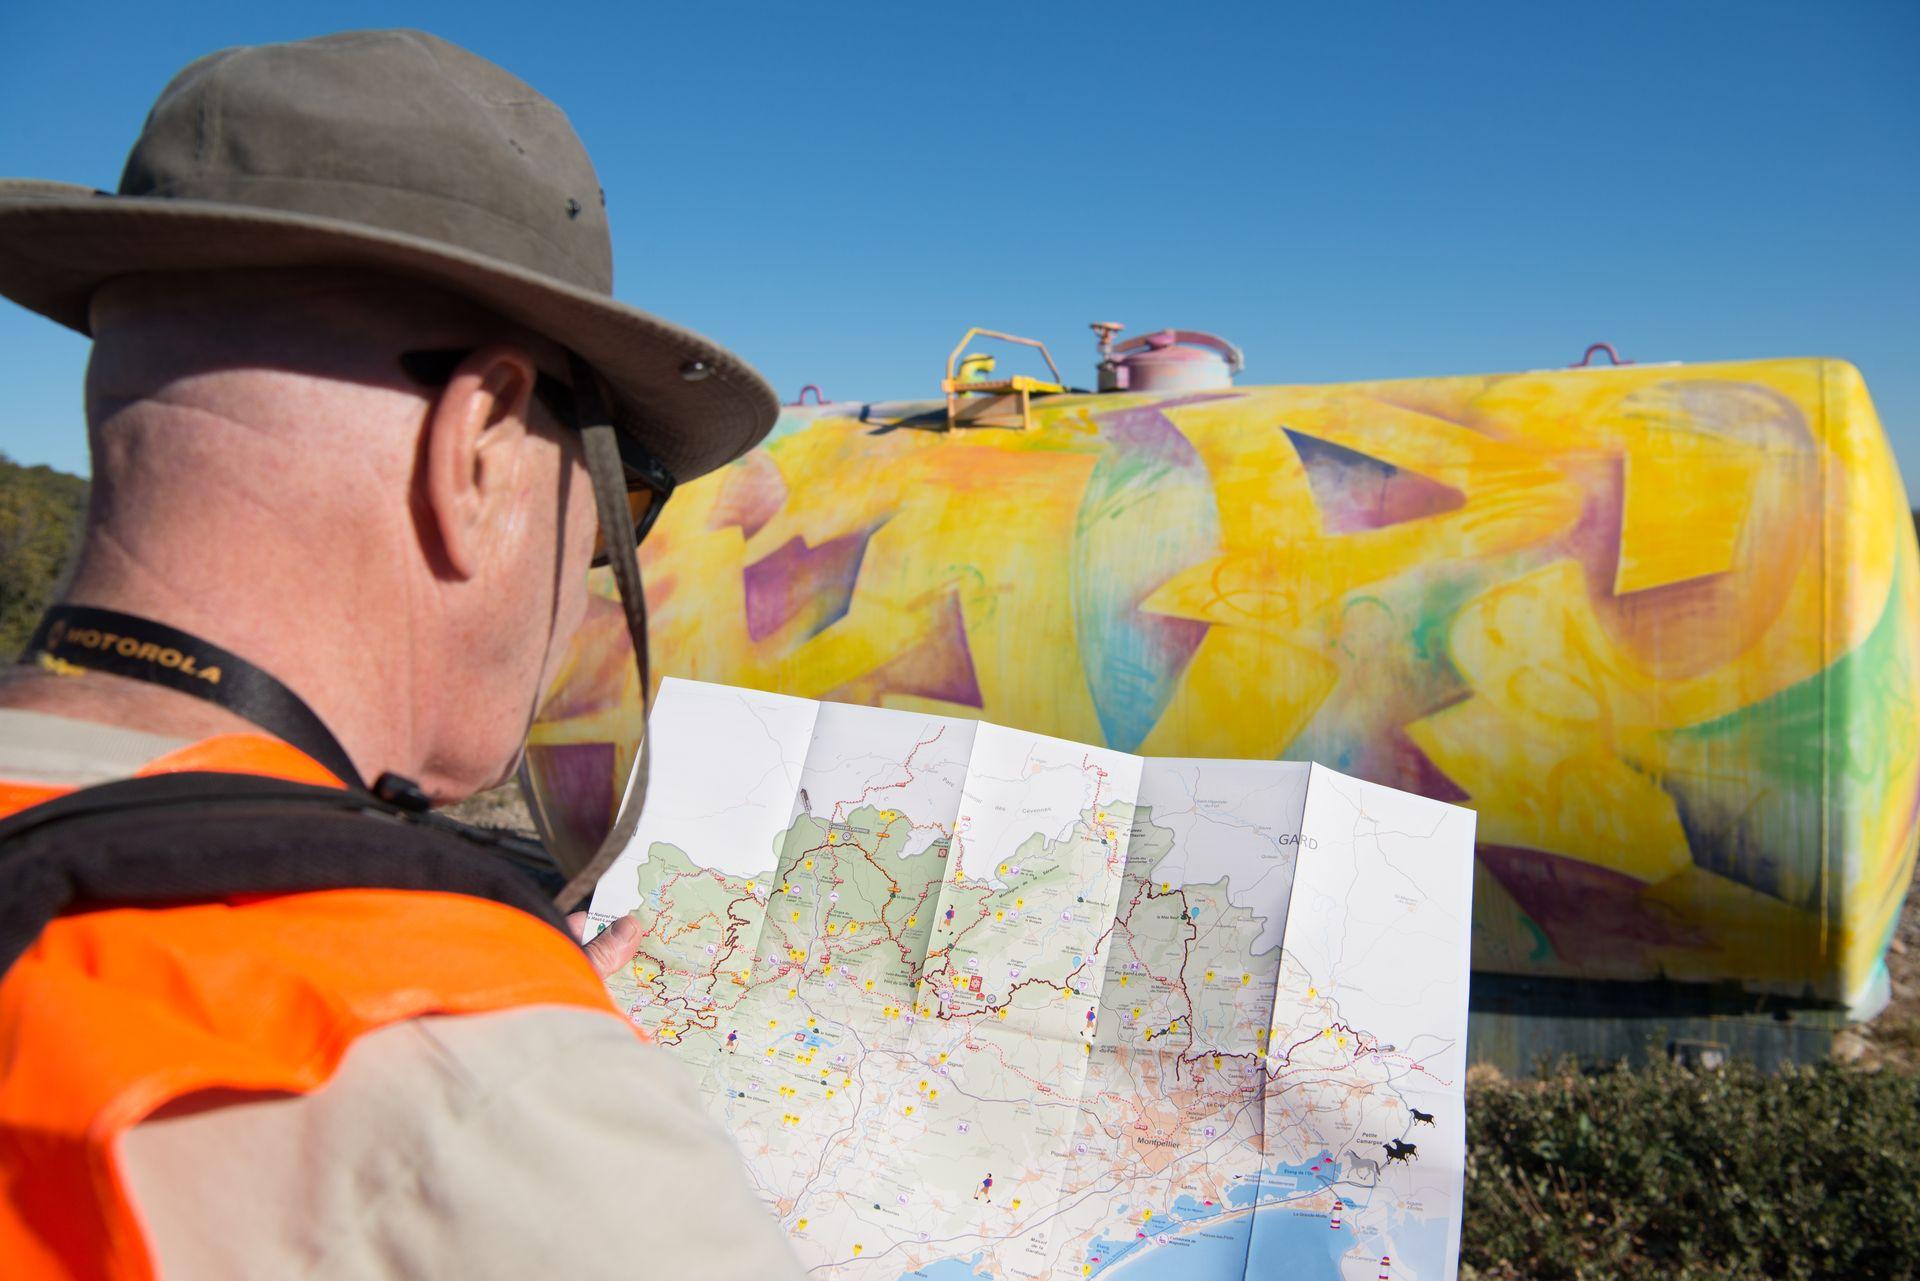 Cit'Art, randonnée dans le Massif de la Gardiole à la recherche des citernes graffées par des artistes